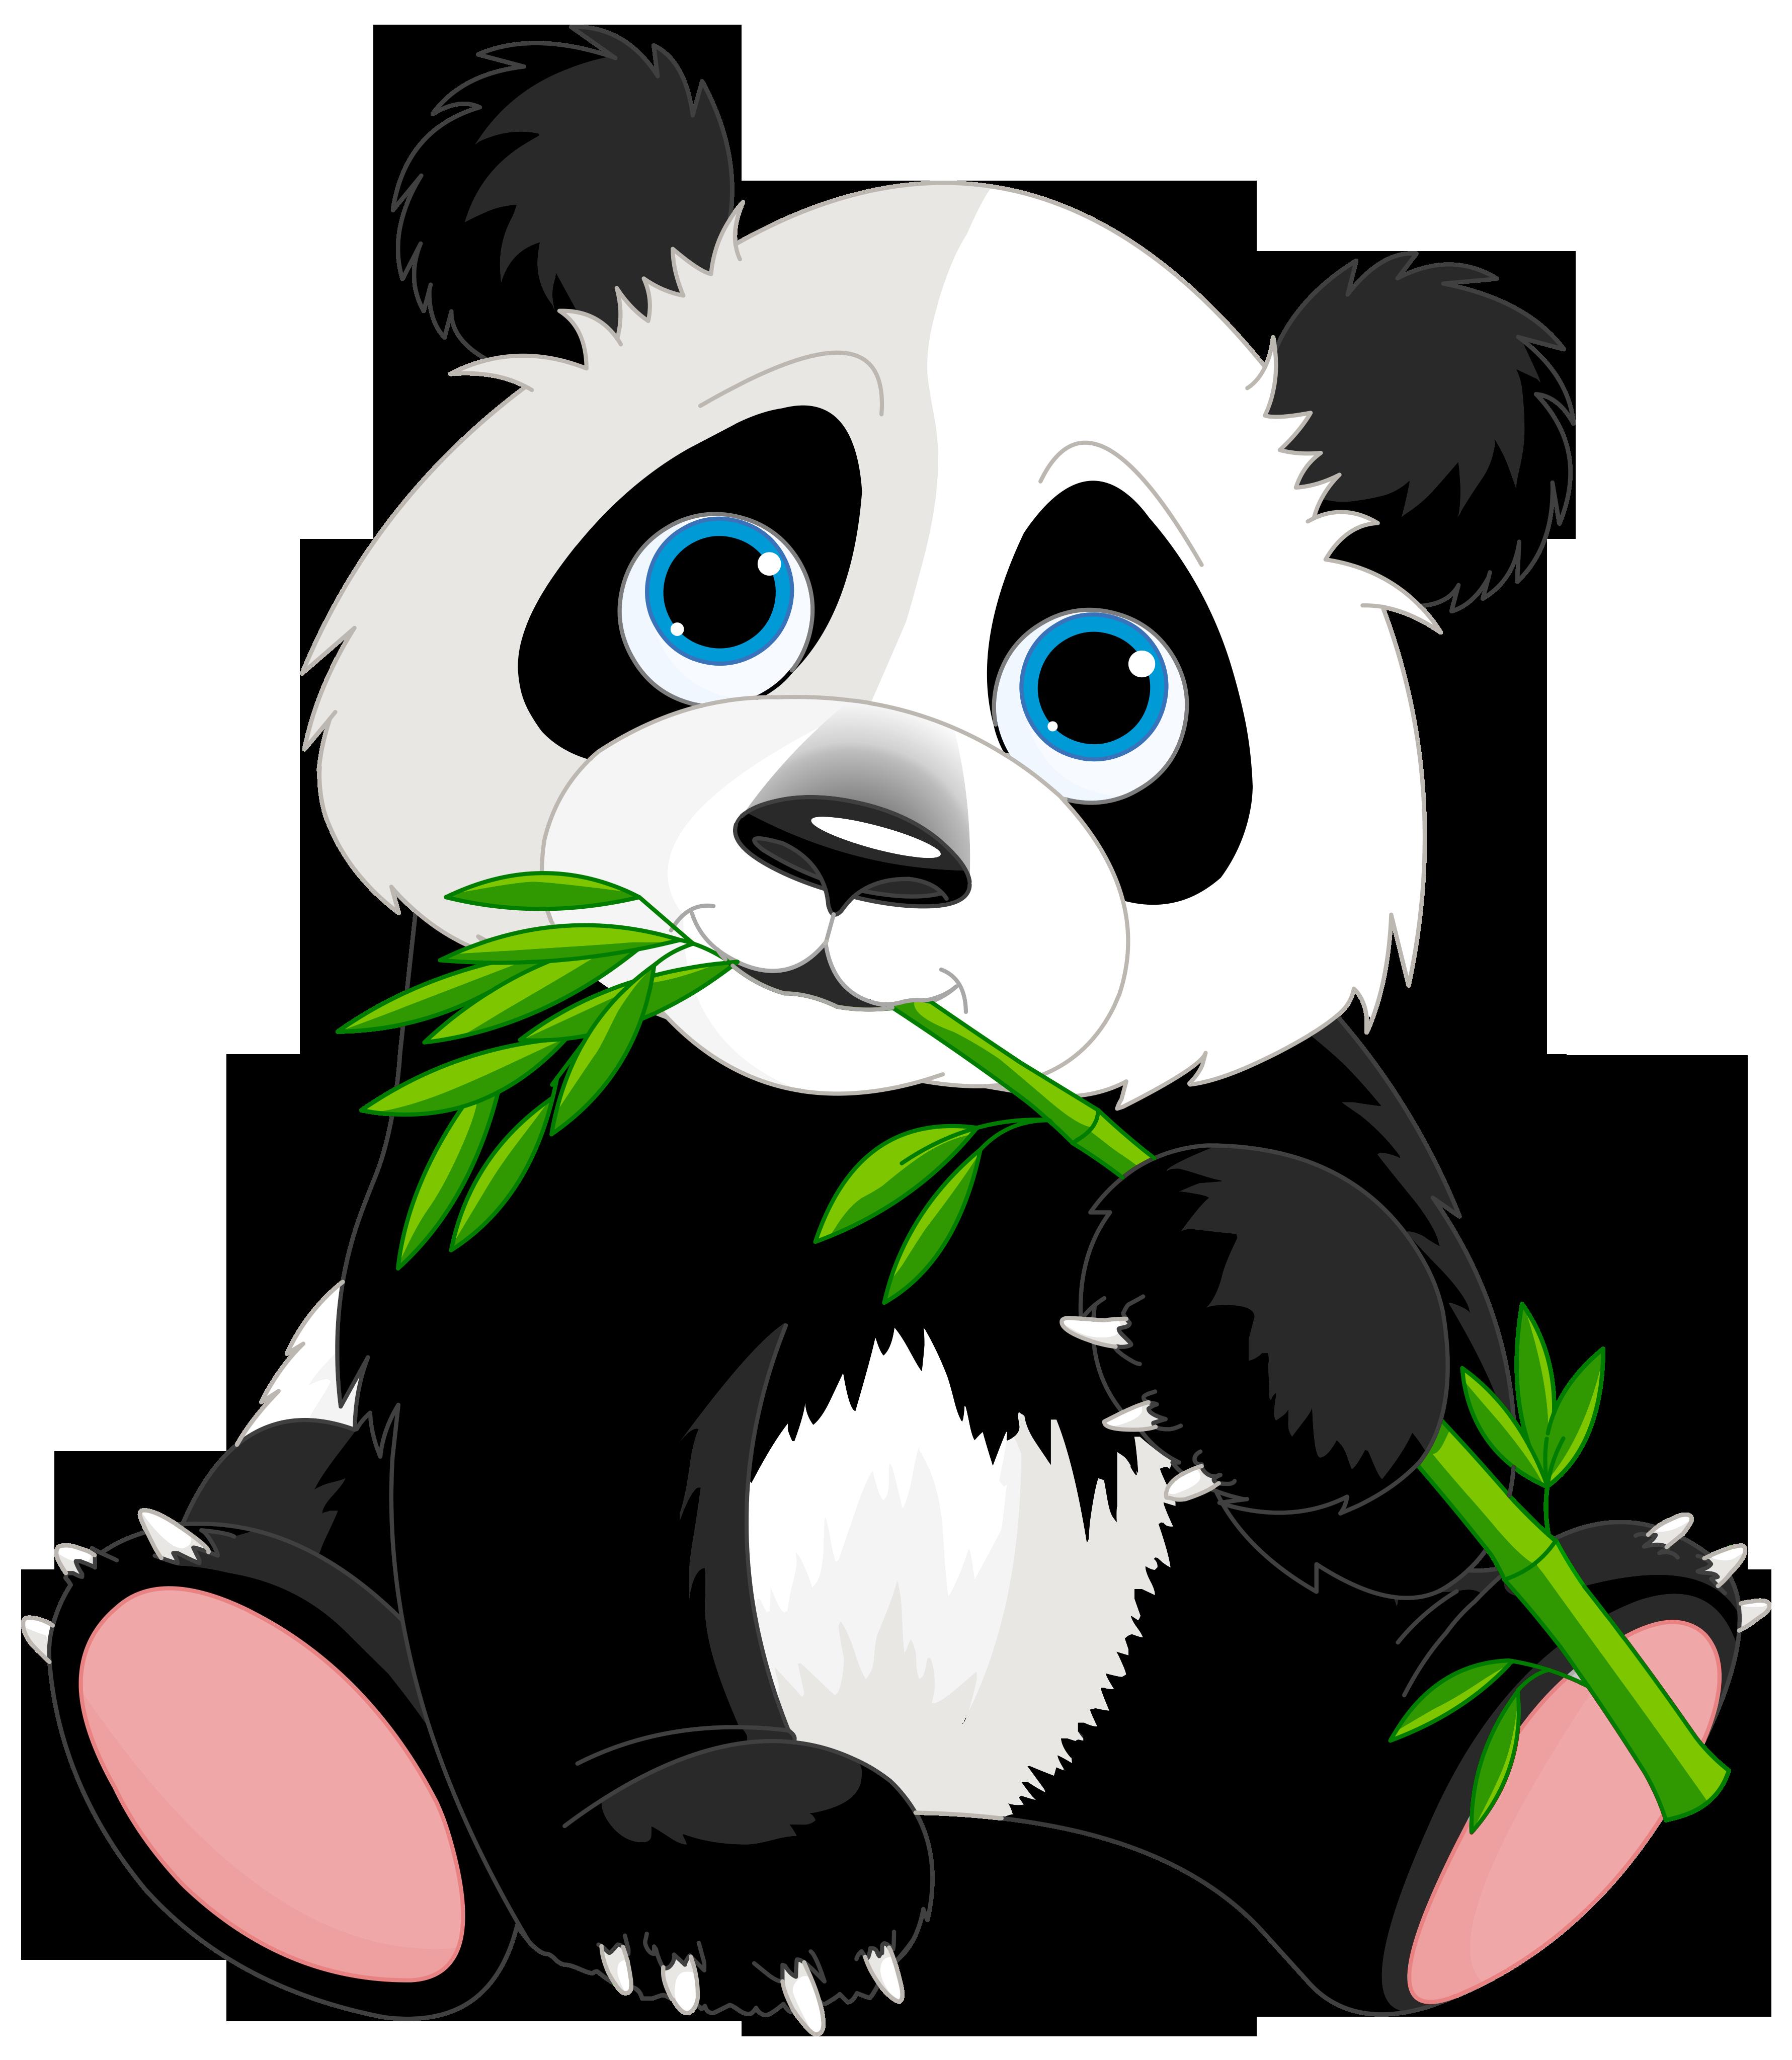 Cute cartoon png image. Clipart panda